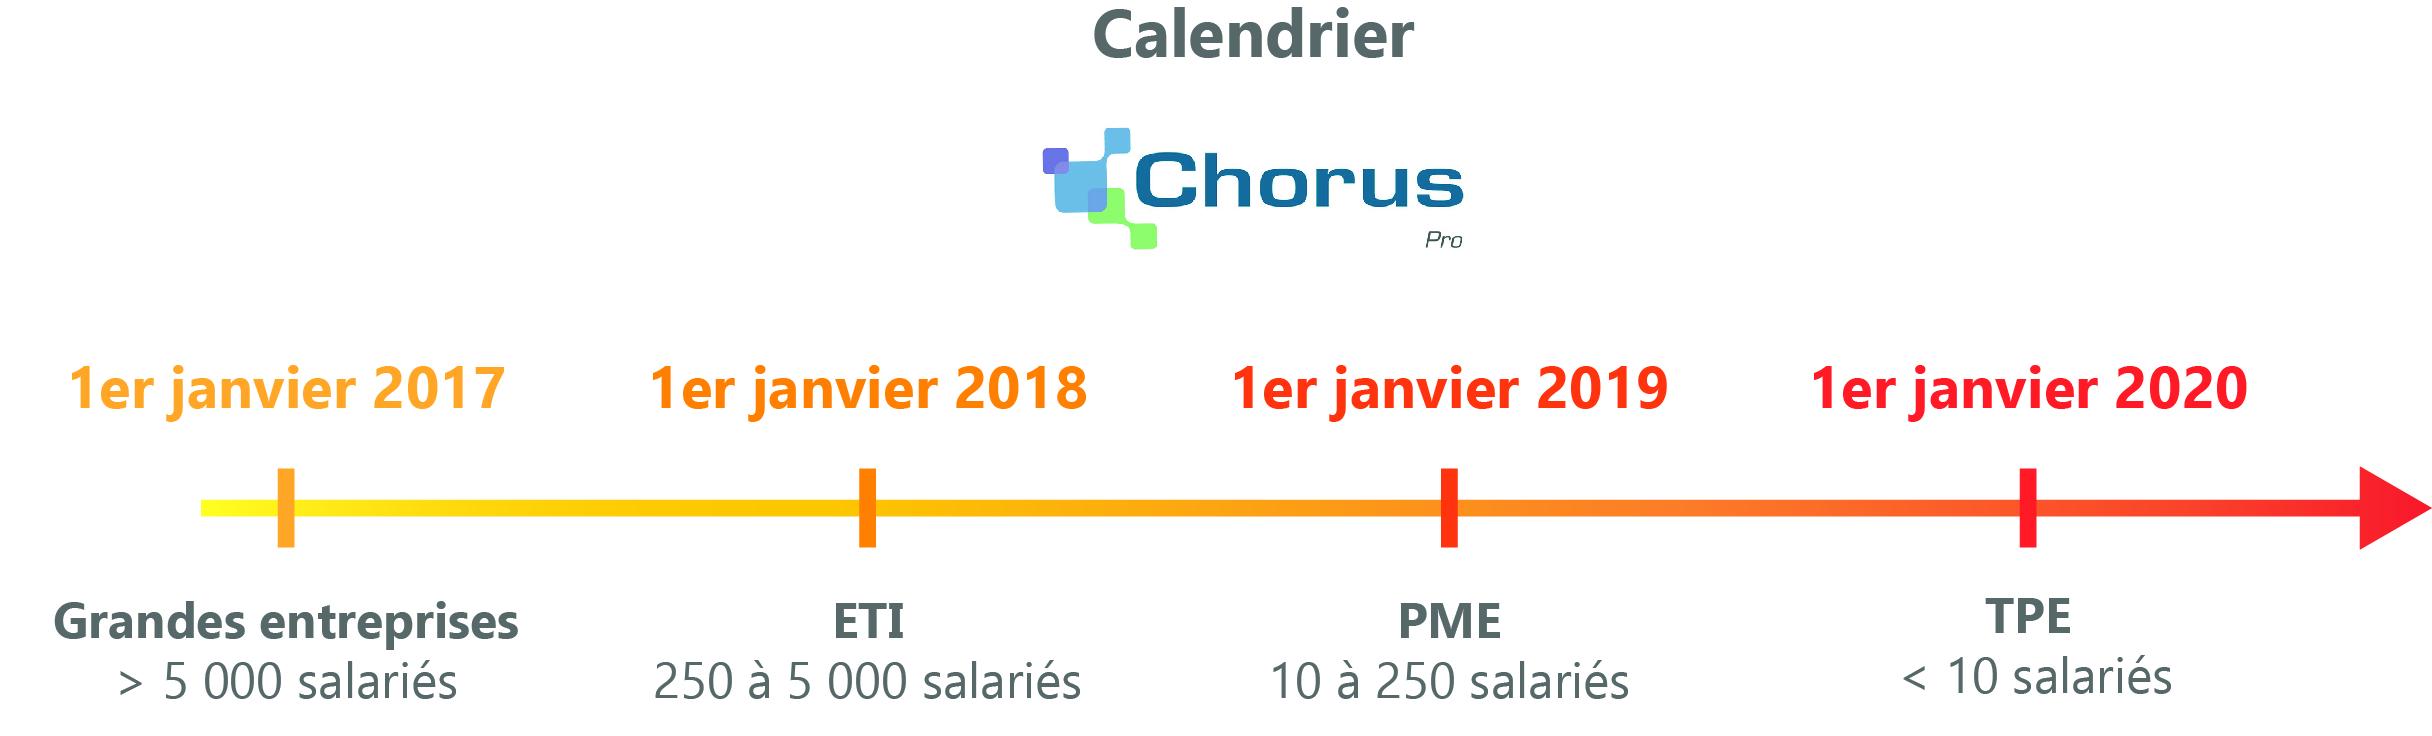 calendrier chorus facture électronique fournisseurs